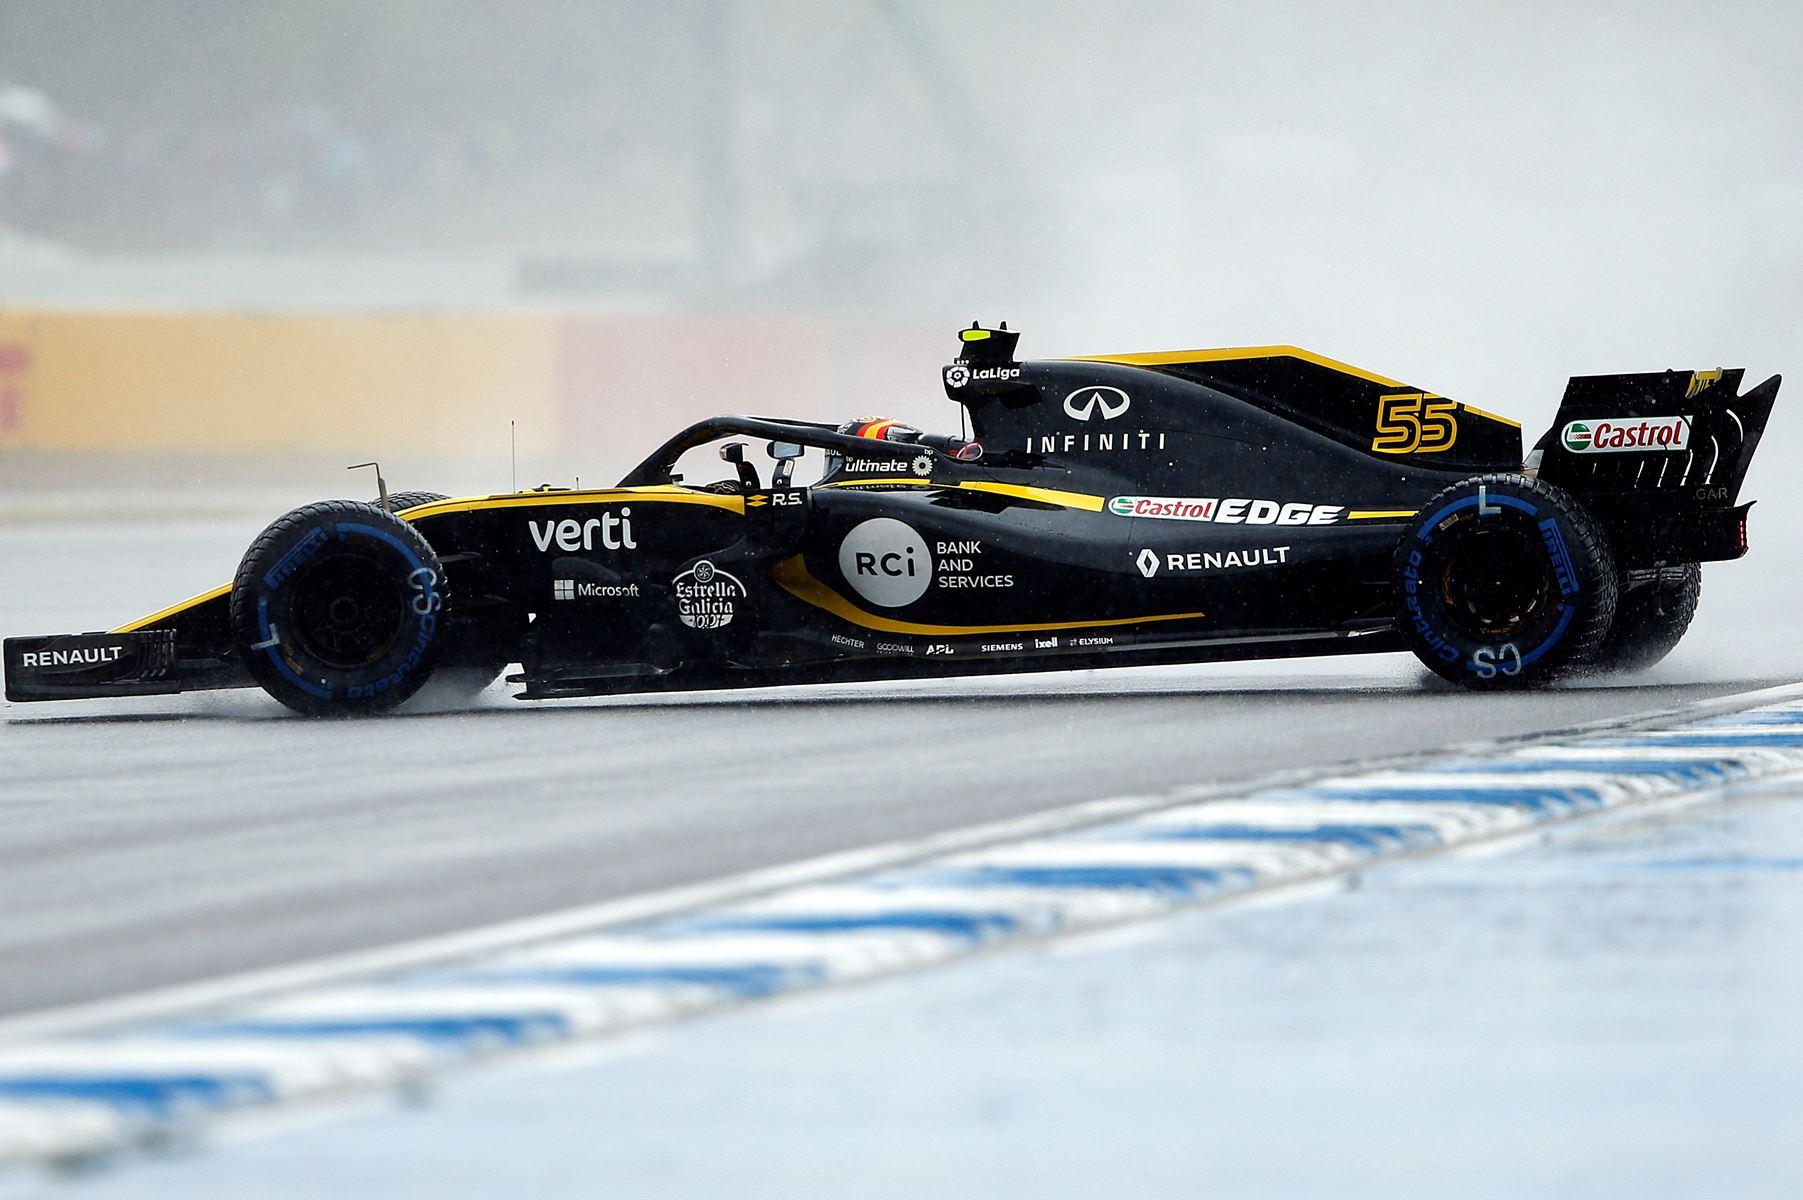 Kun ni af Formel 1-feltets kørere fik sat en tid under den sidste, regnvåde træning i Tyskland.